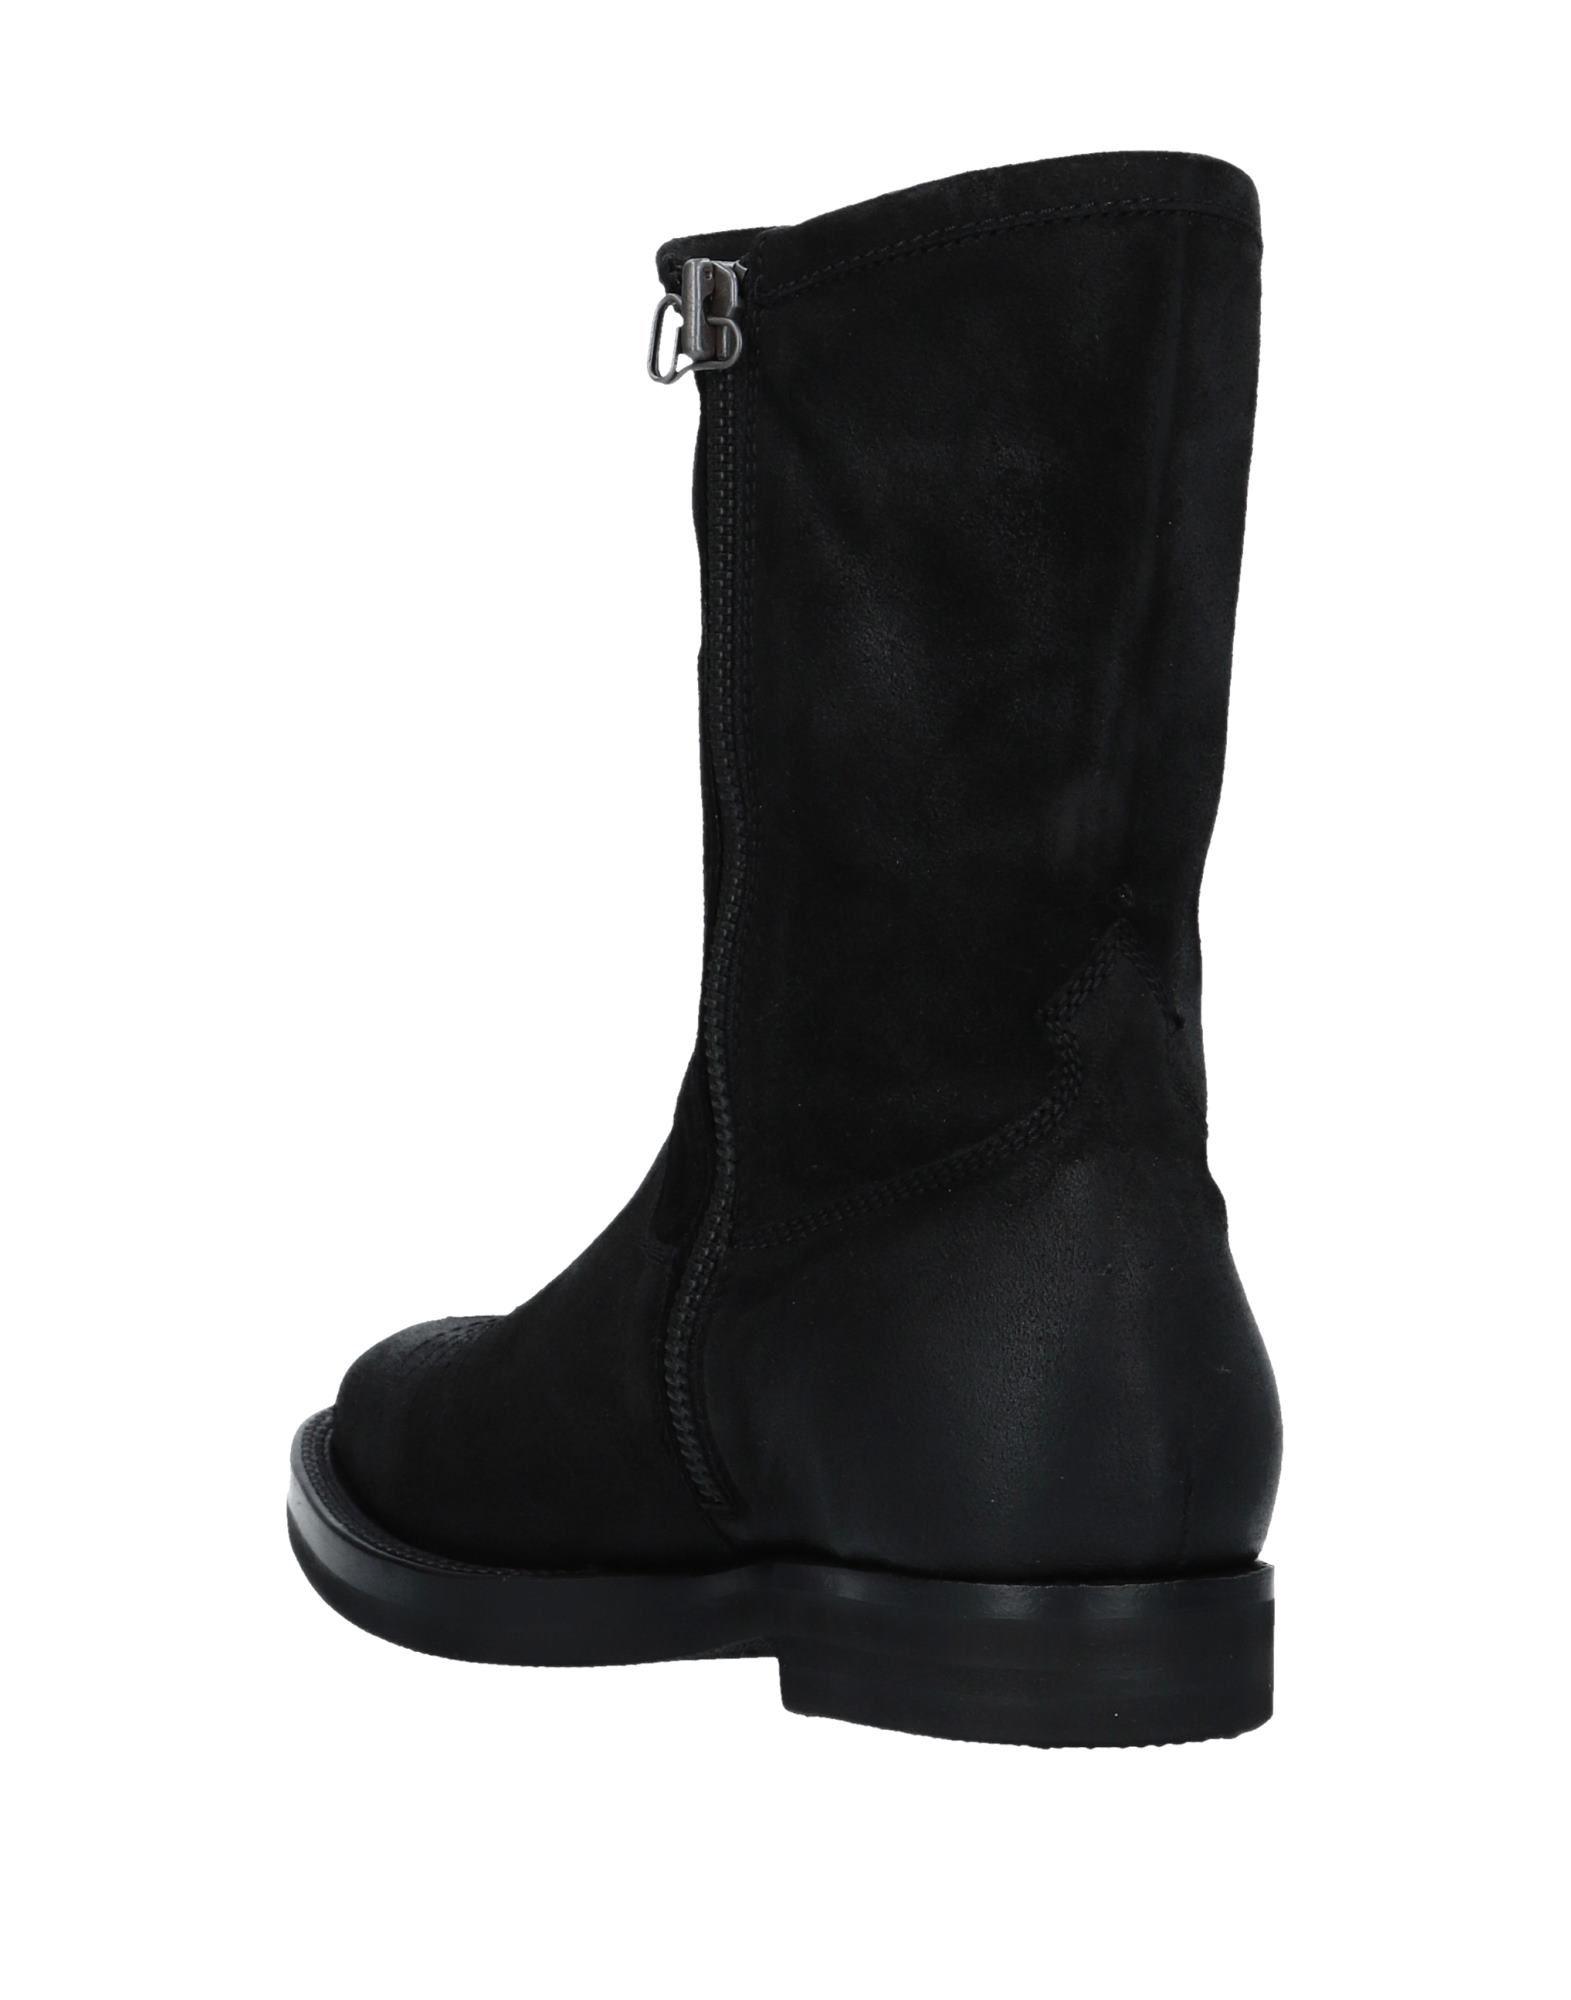 Buttero® Stiefelette Qualität Herren  11537304GI Gute Qualität Stiefelette beliebte Schuhe 9fa2b4